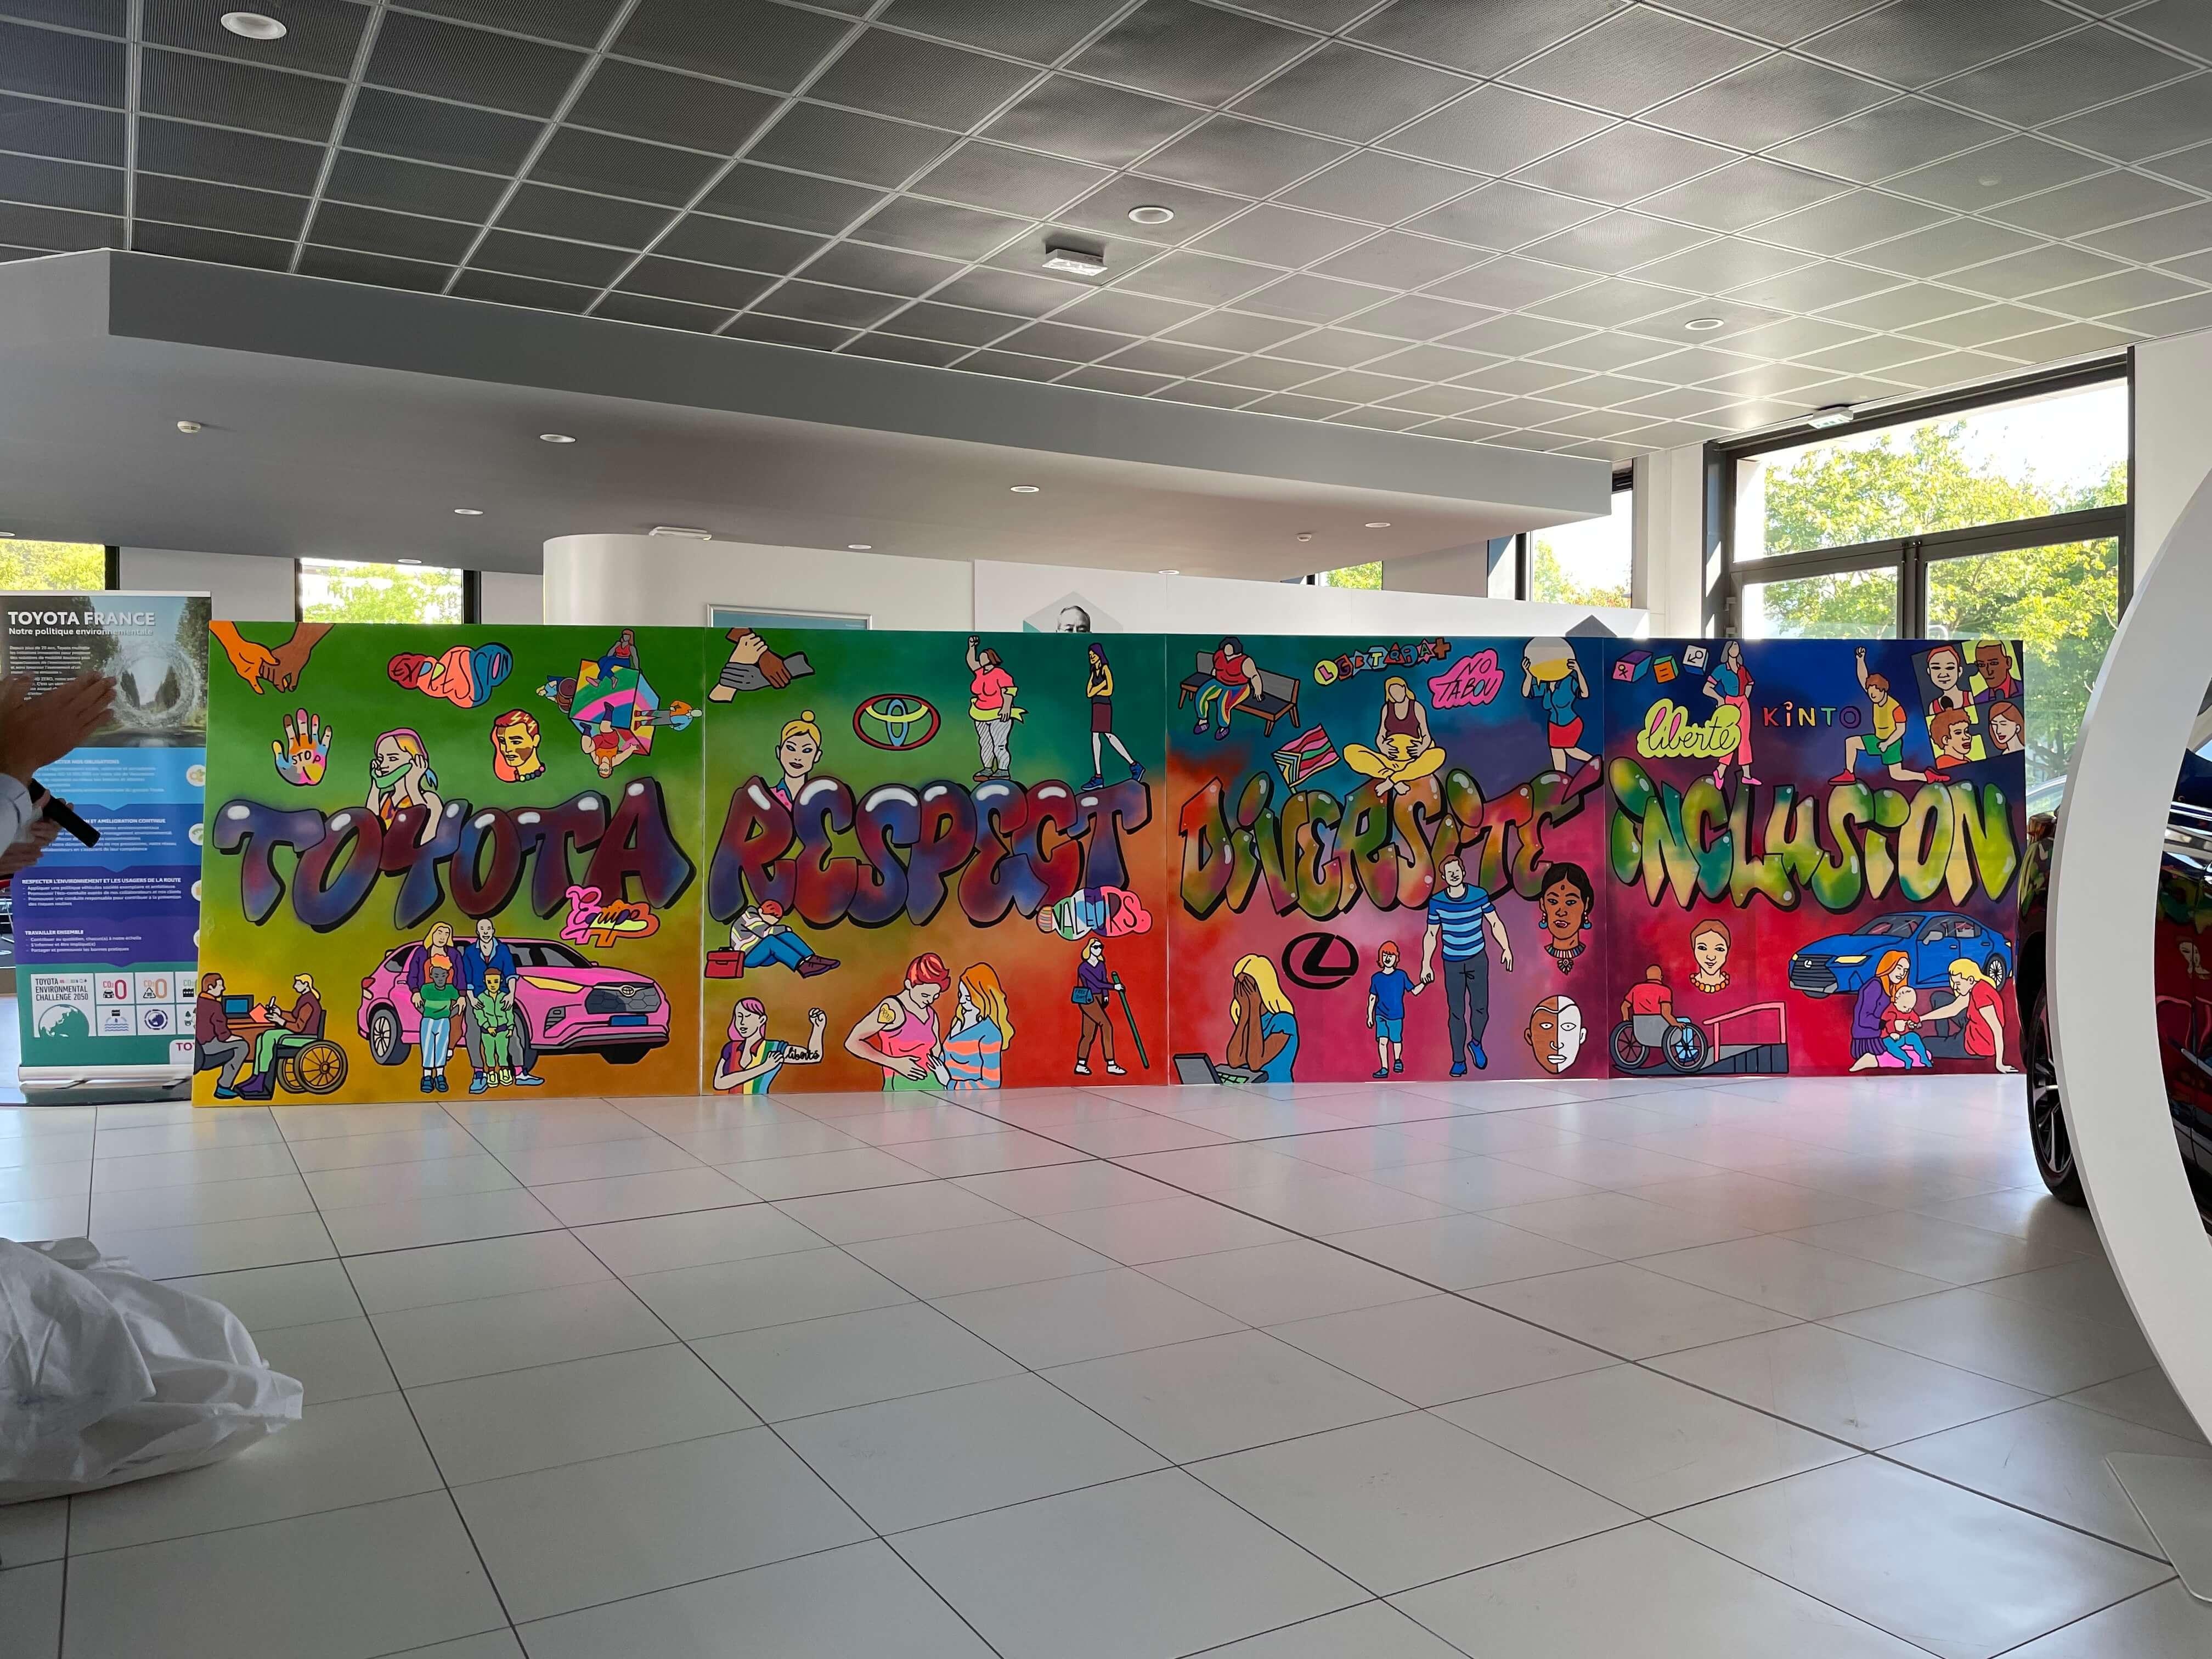 Fresque street art et graffiti géante sur toiles dans les locaux de Lexus et Toyota France